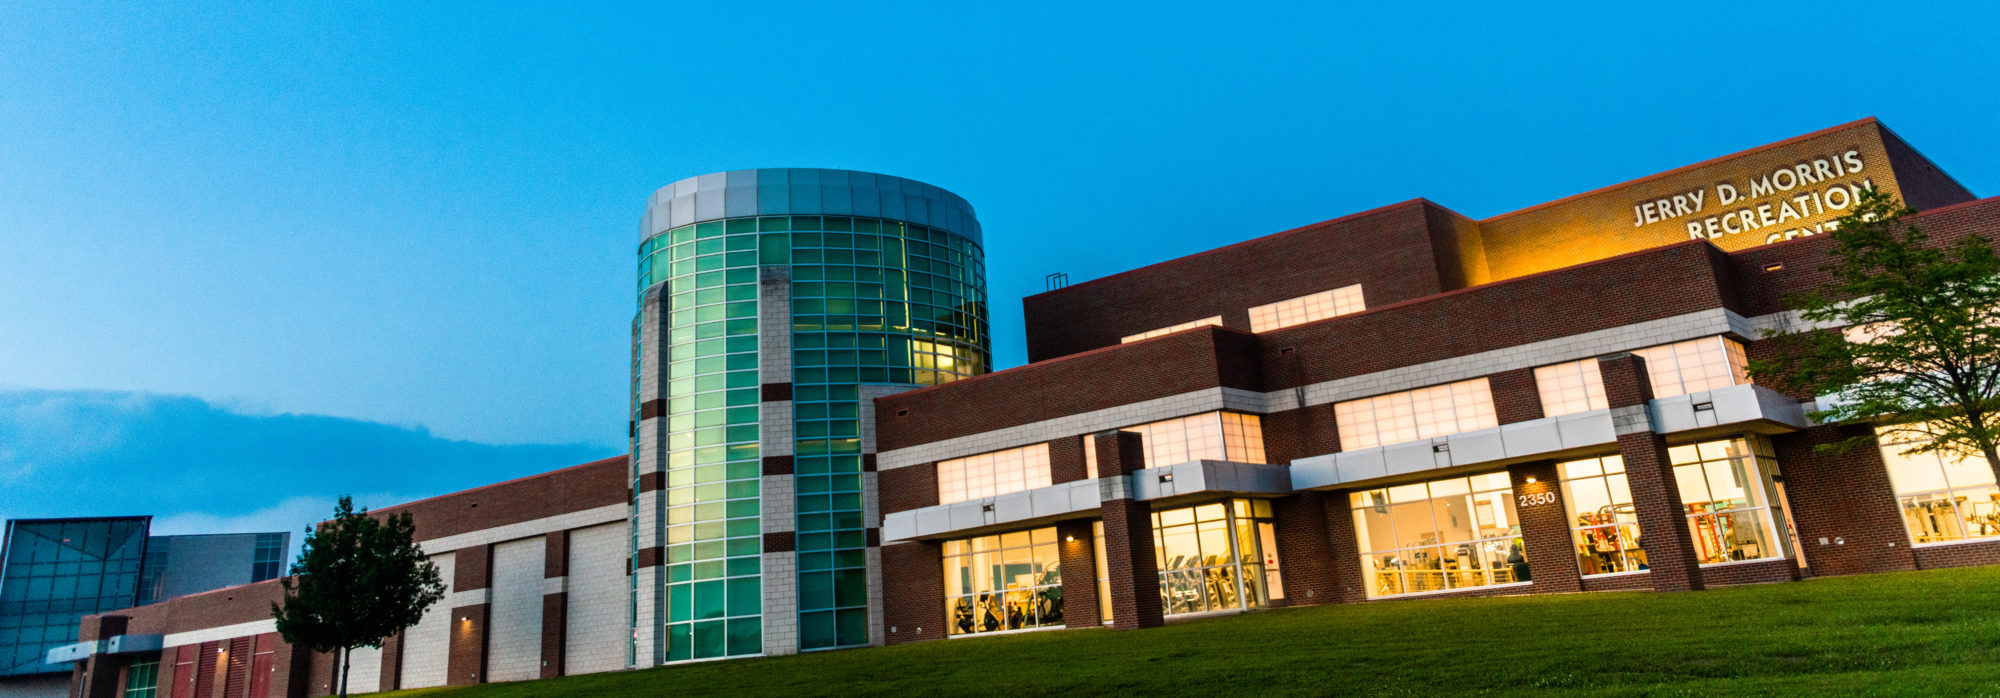 M19196-Evening-Campus-7201-copy